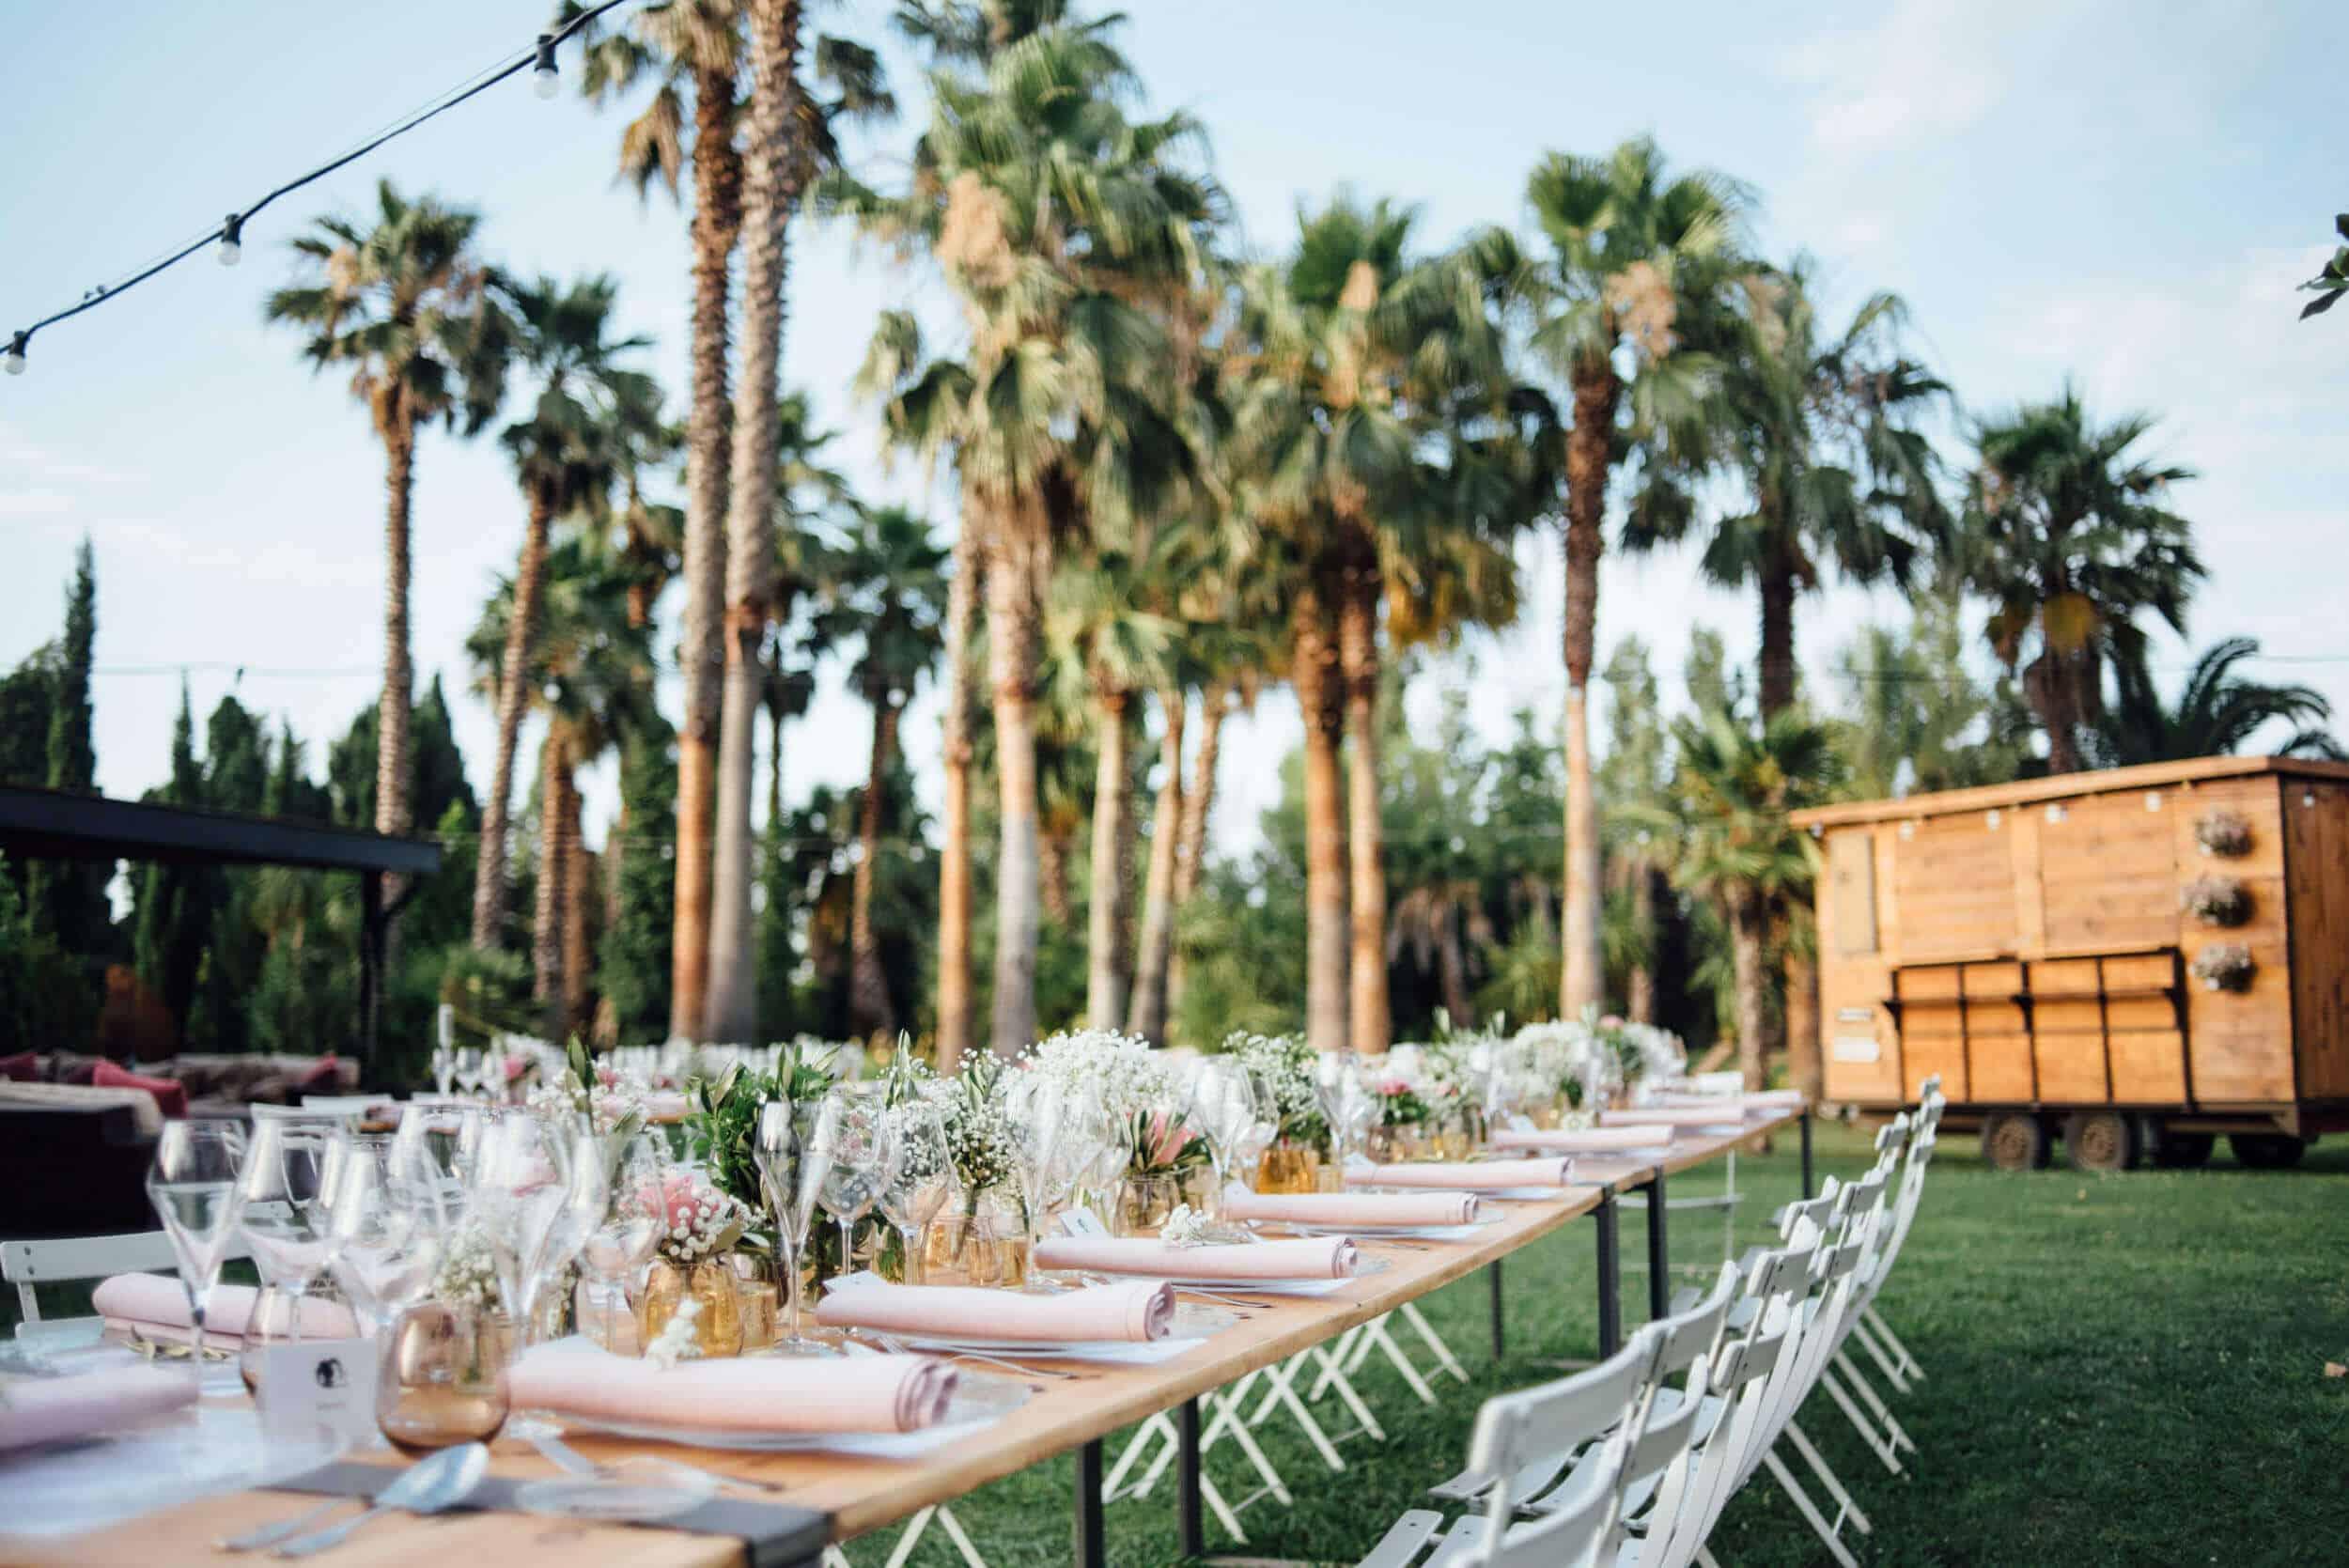 banquete jardín bodas castillo cortal gran